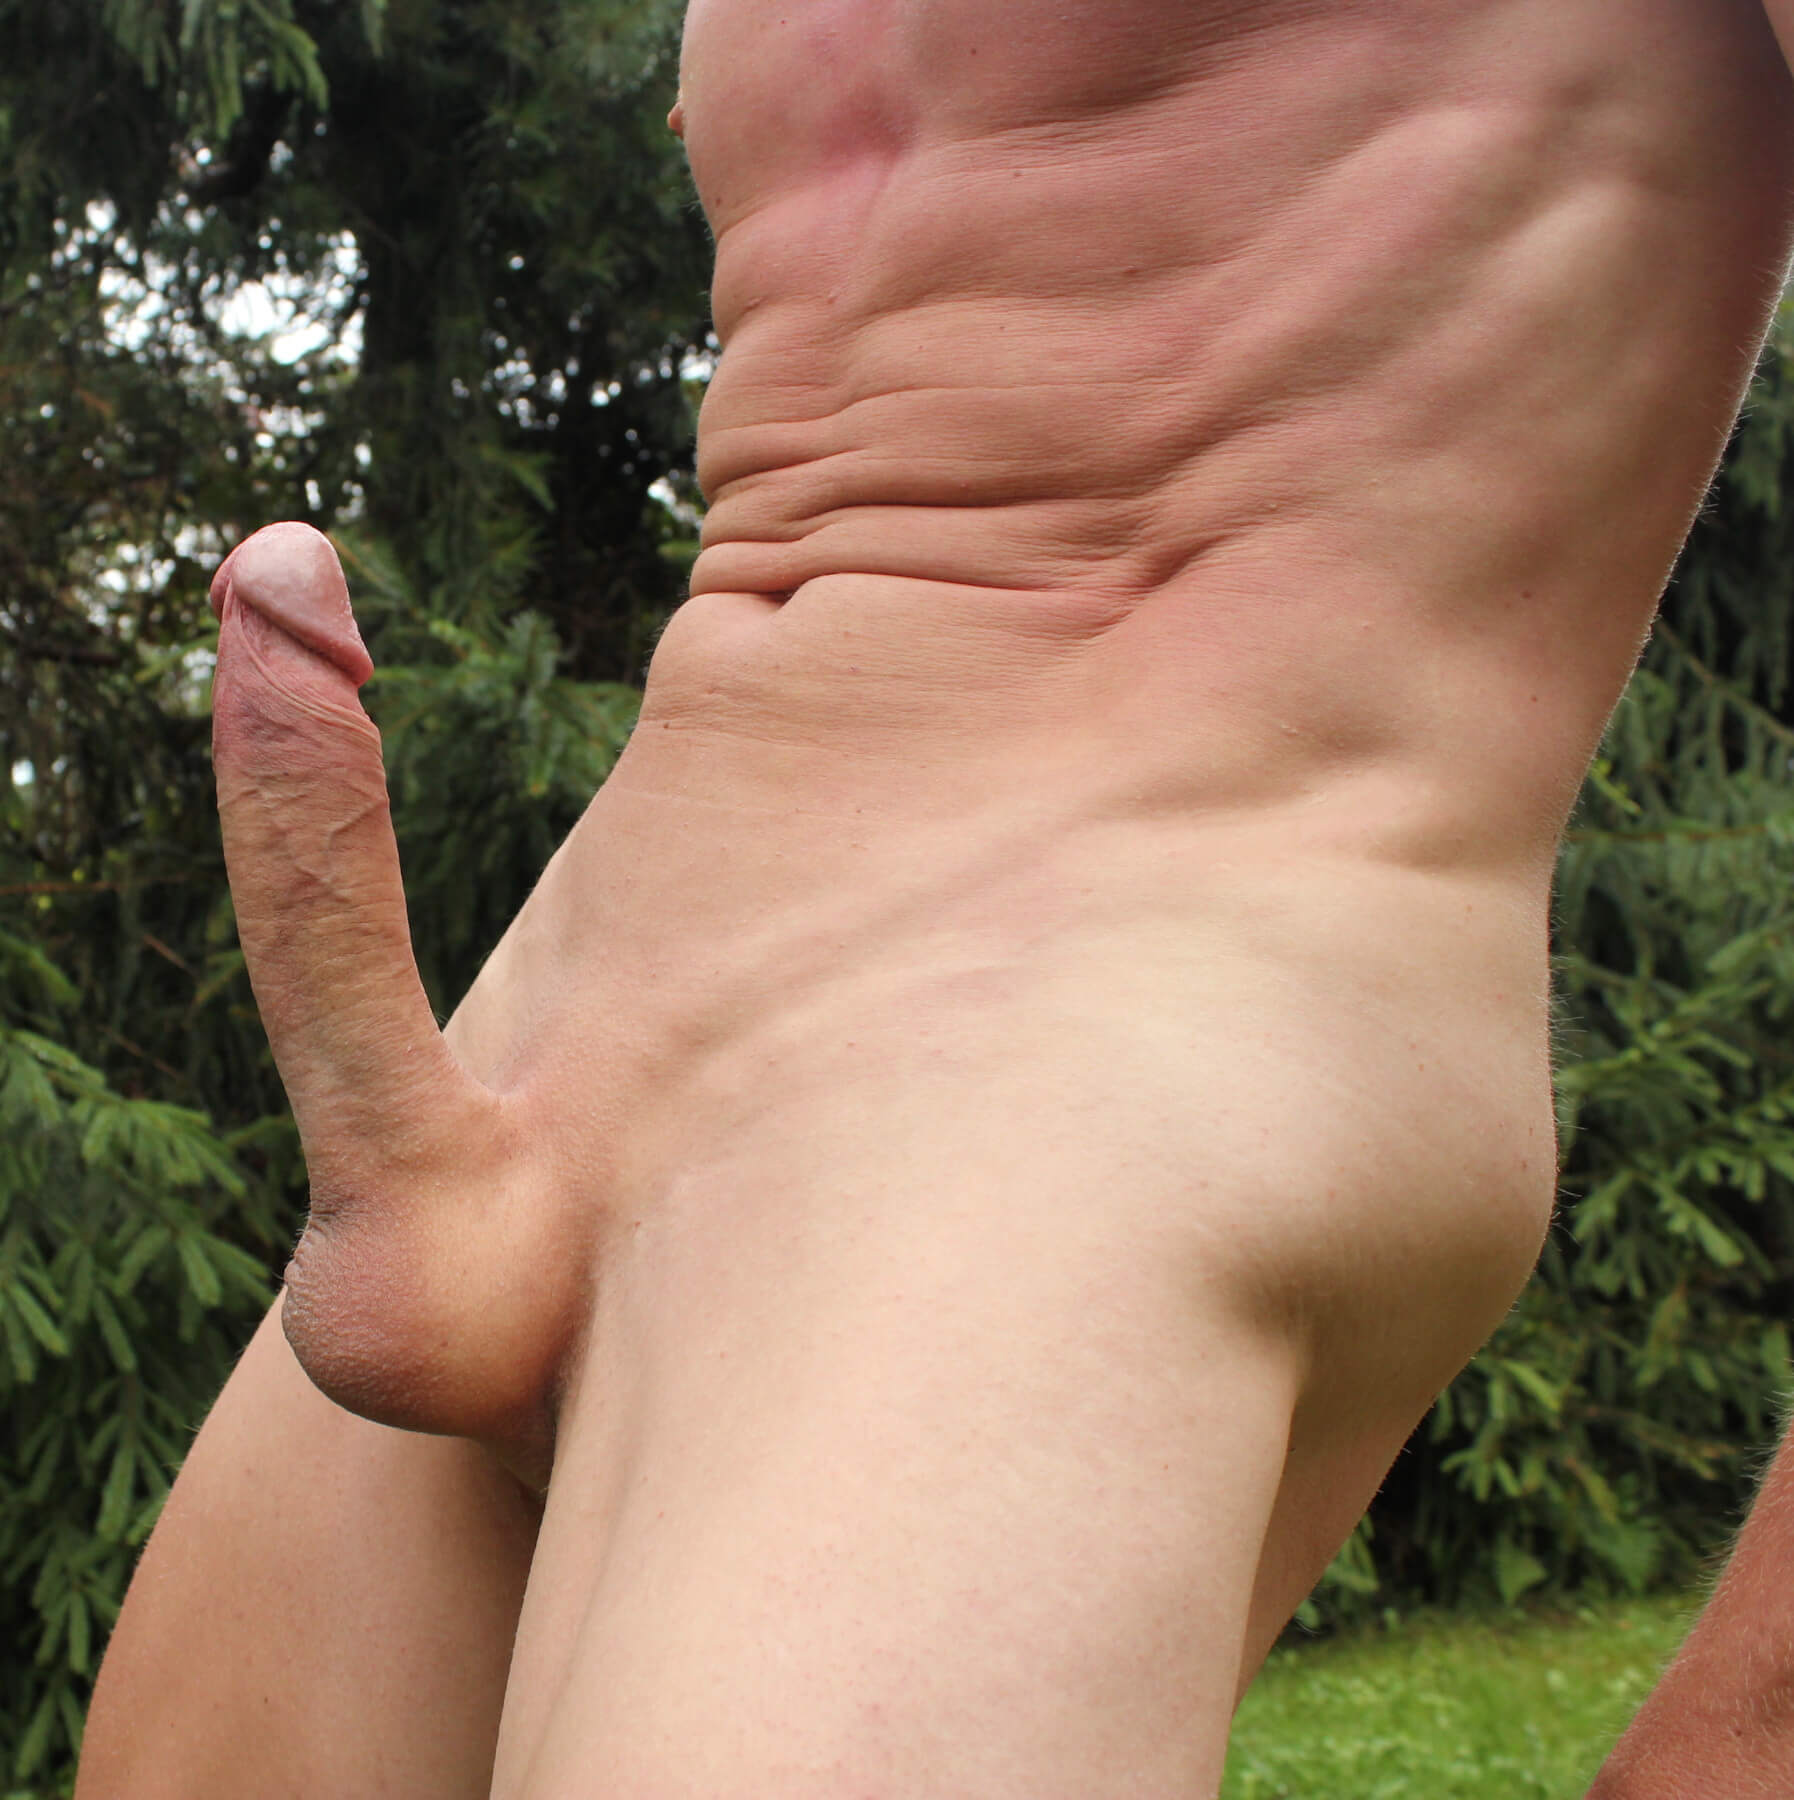 https://www.dating.rs/slike/1168/007.jpg